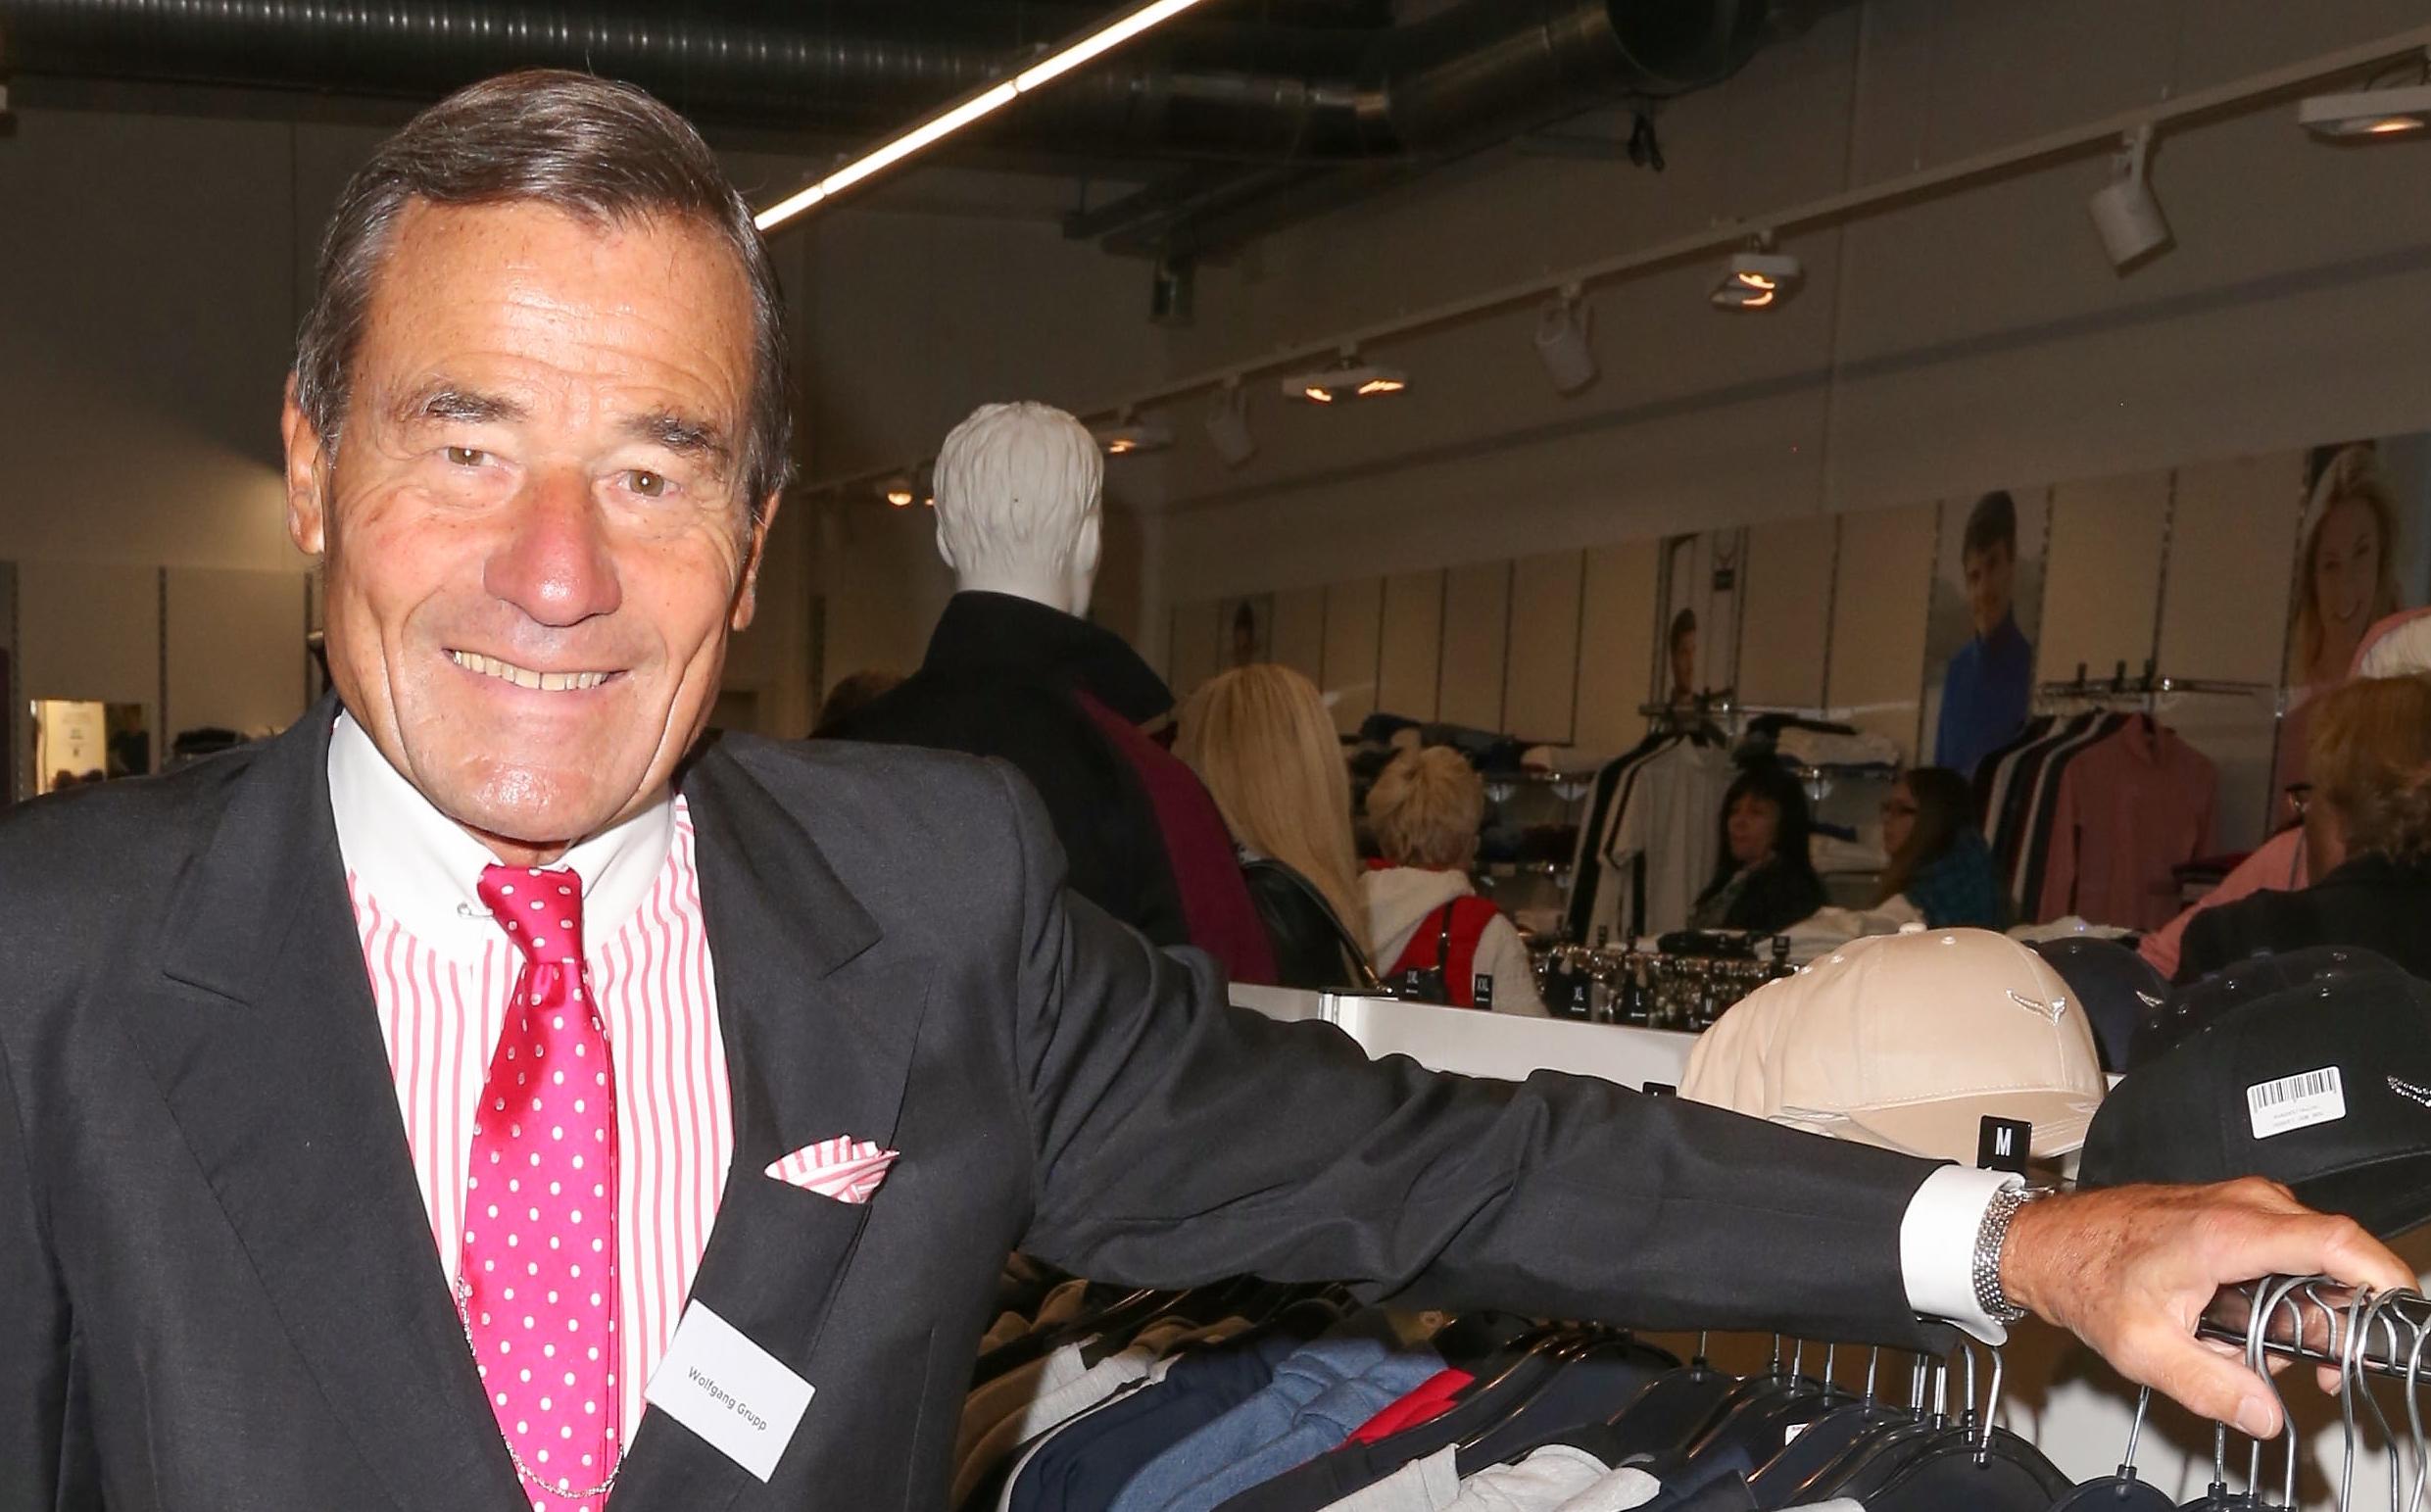 Trigema-Chef Wolfgang Grupp macht Helene Fischer mit seiner Ware glücklich